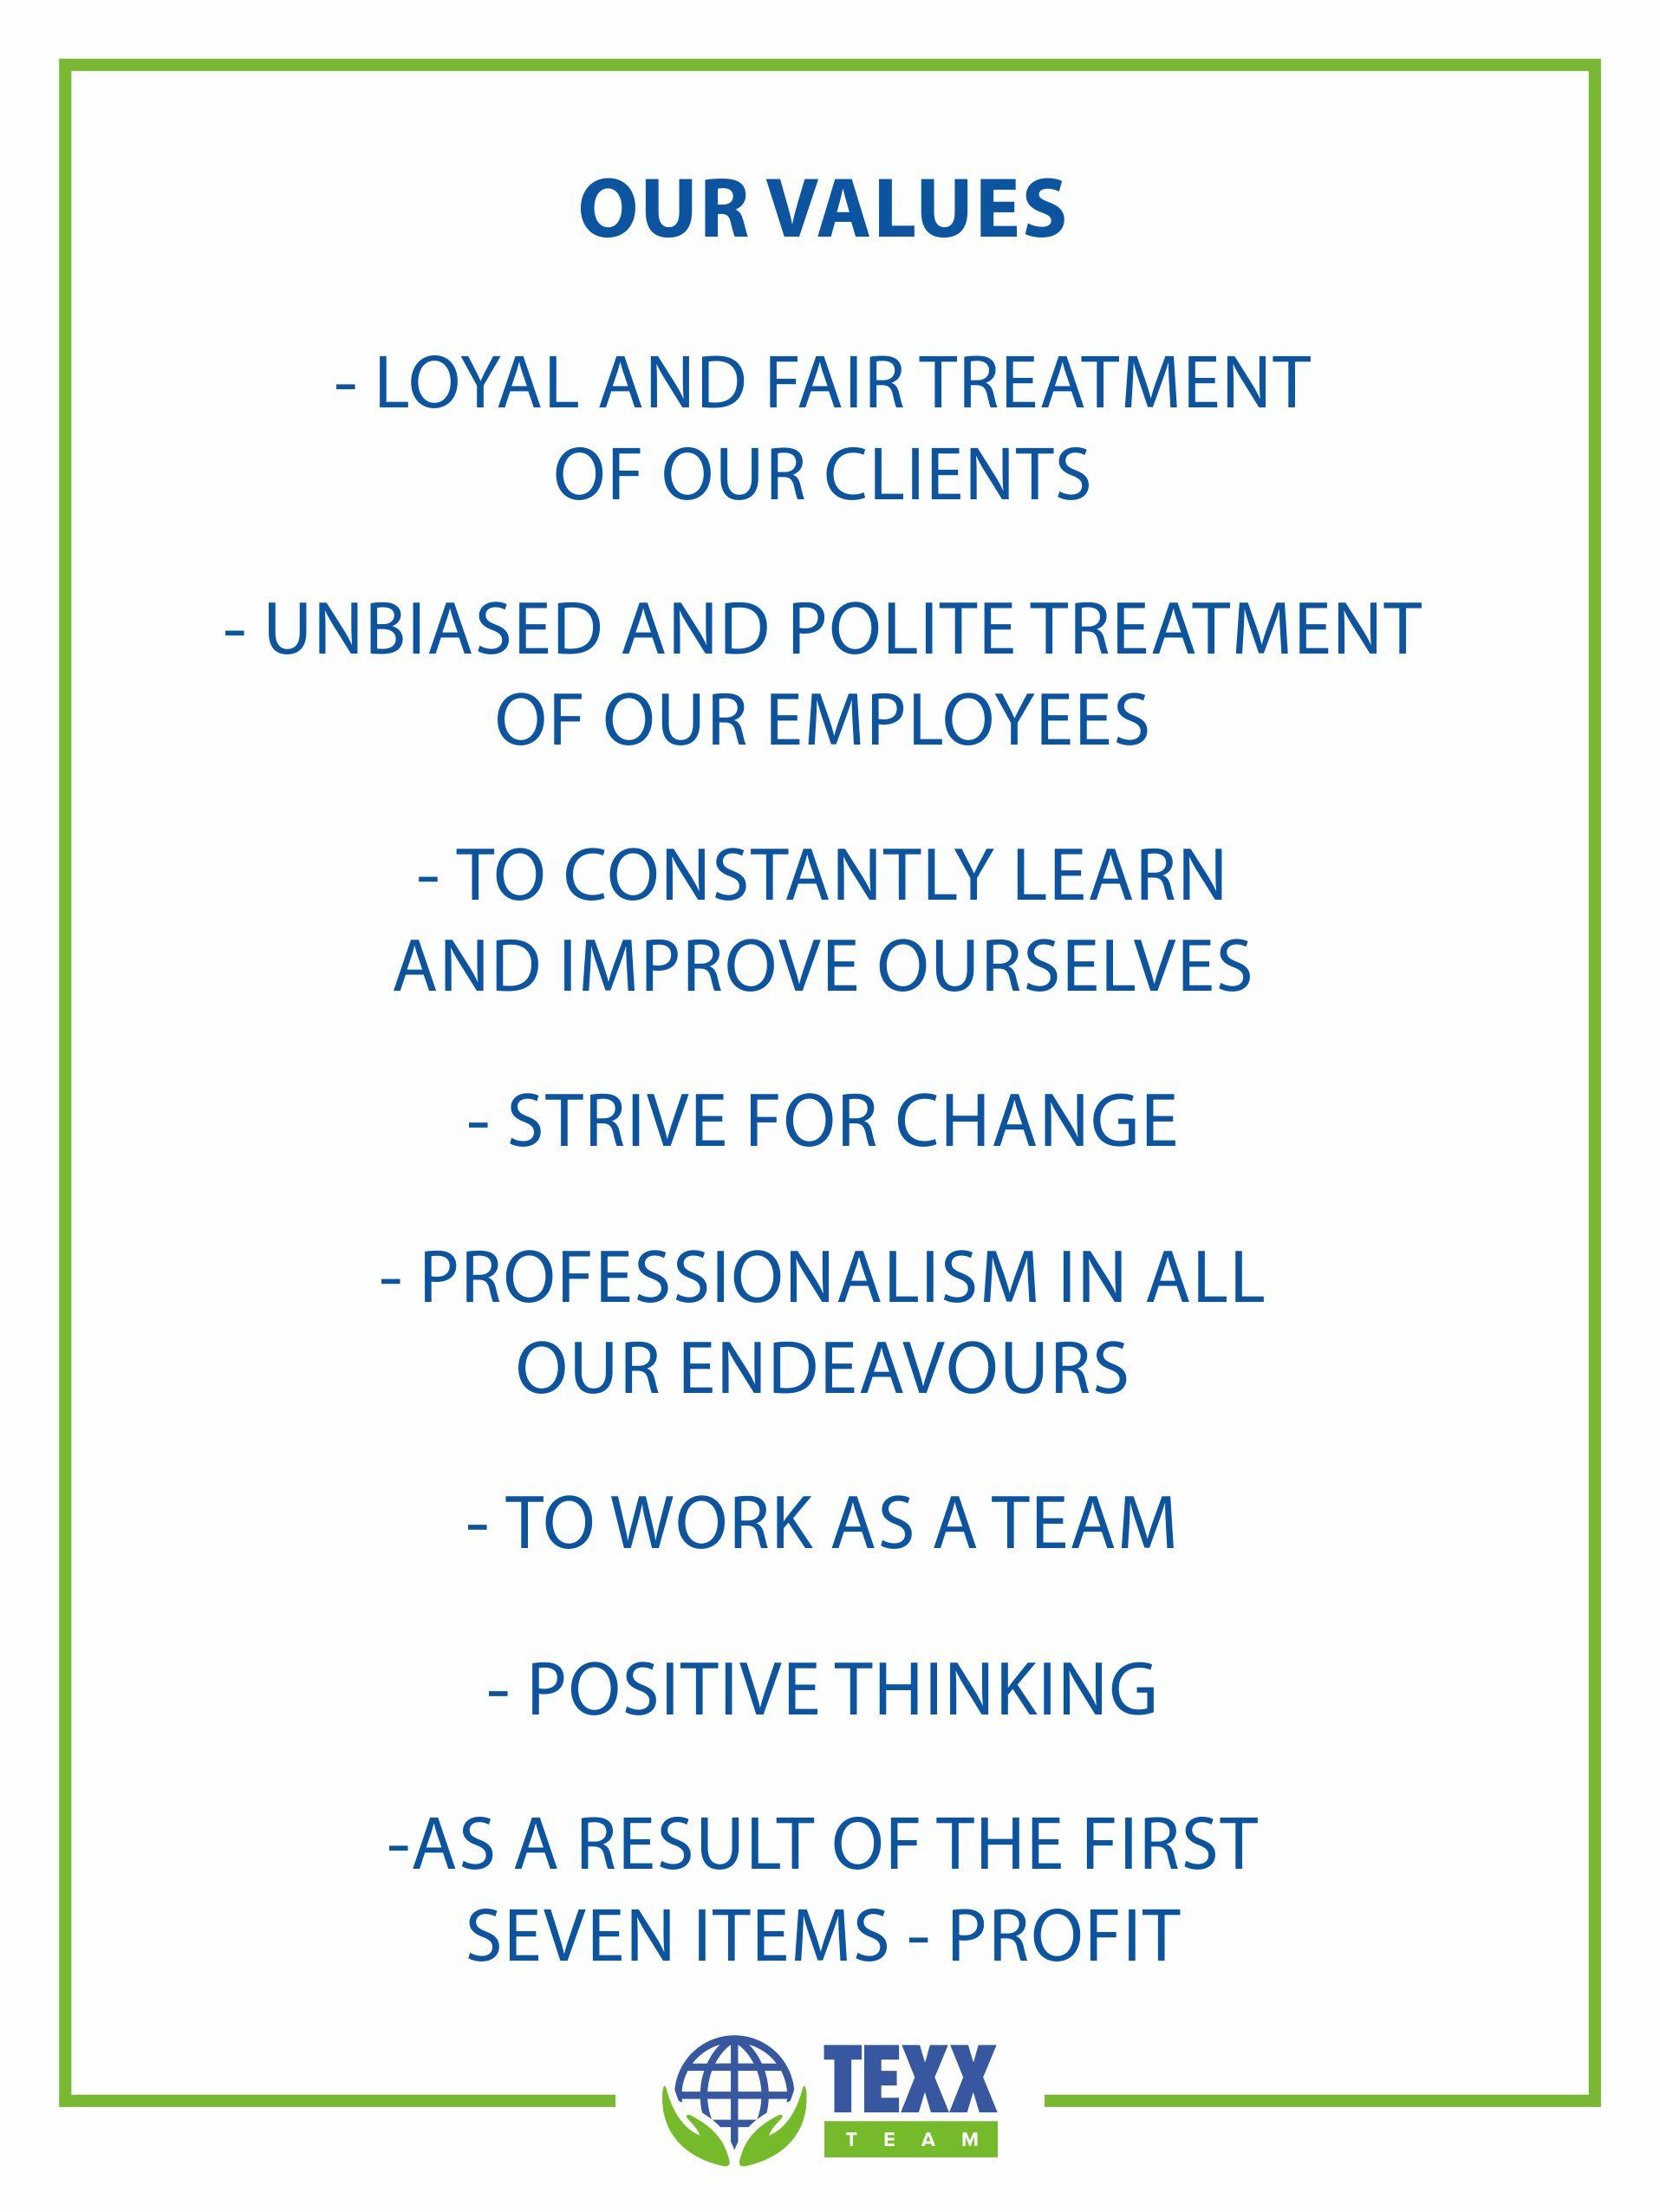 Texx Team Values